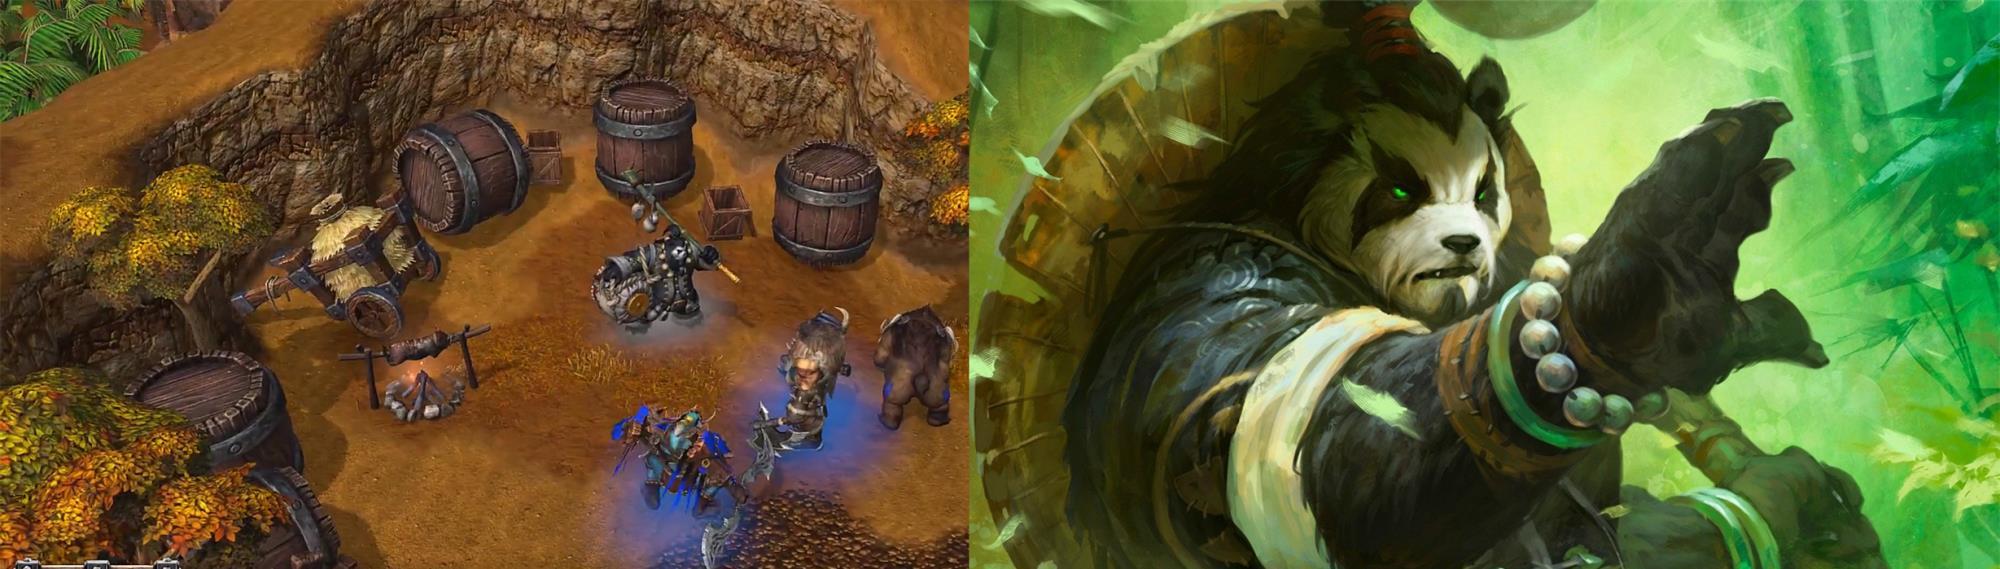 dnf送什么礼物给npc_炉石传说:深挖雷克萨之书跳过的剧情,暗藏新英雄新皮肤新职业-第3张图片-游戏摸鱼怪